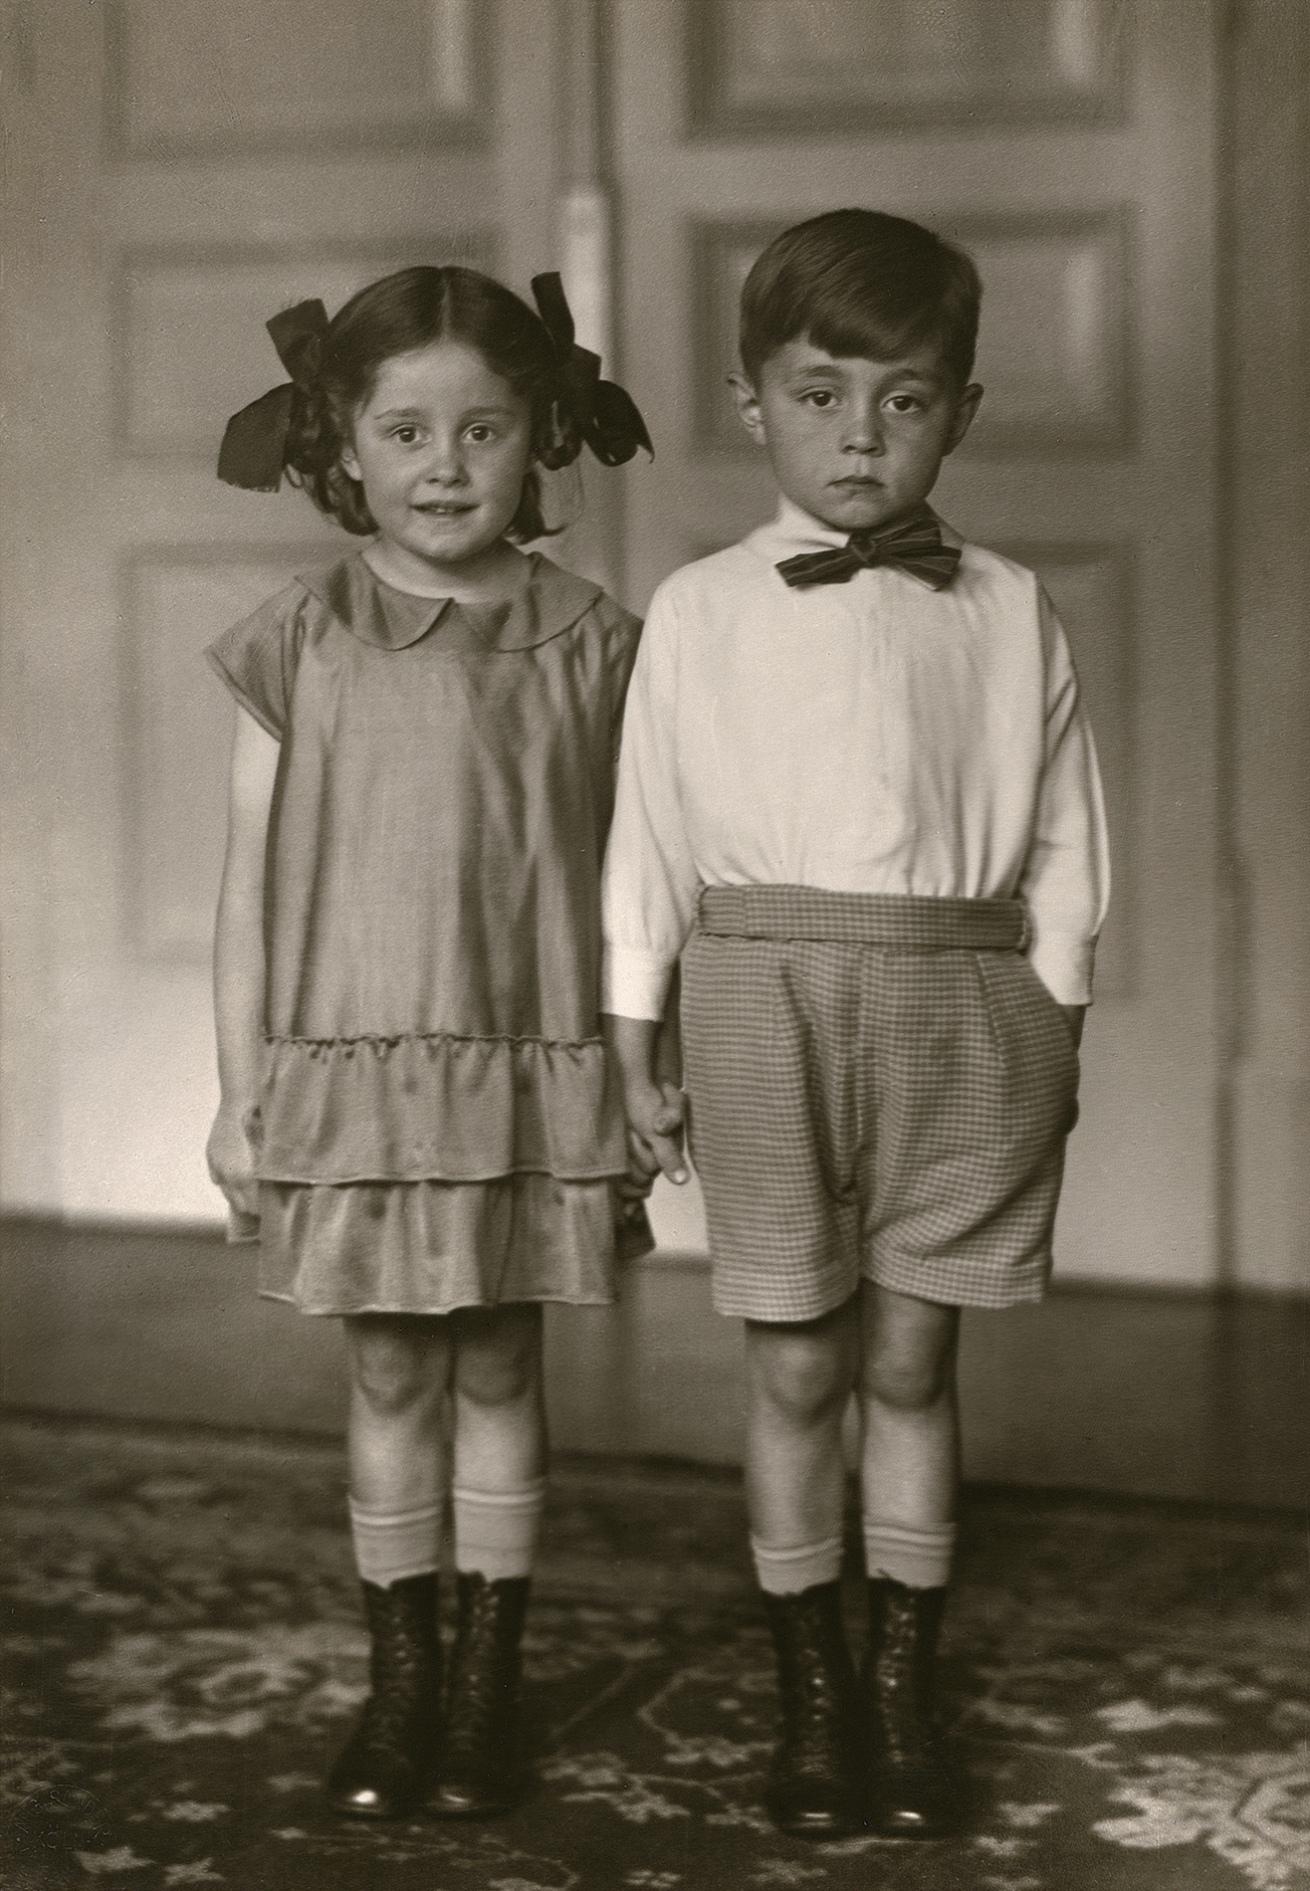 Fotó: August Sander <br />Middle-class Children<br />1925<br />Gelatin silver print<br />© Die Photographische Sammlung/SK Stiftung Kultur – August Sander Archiv; VG Bild-Kunst, 2018